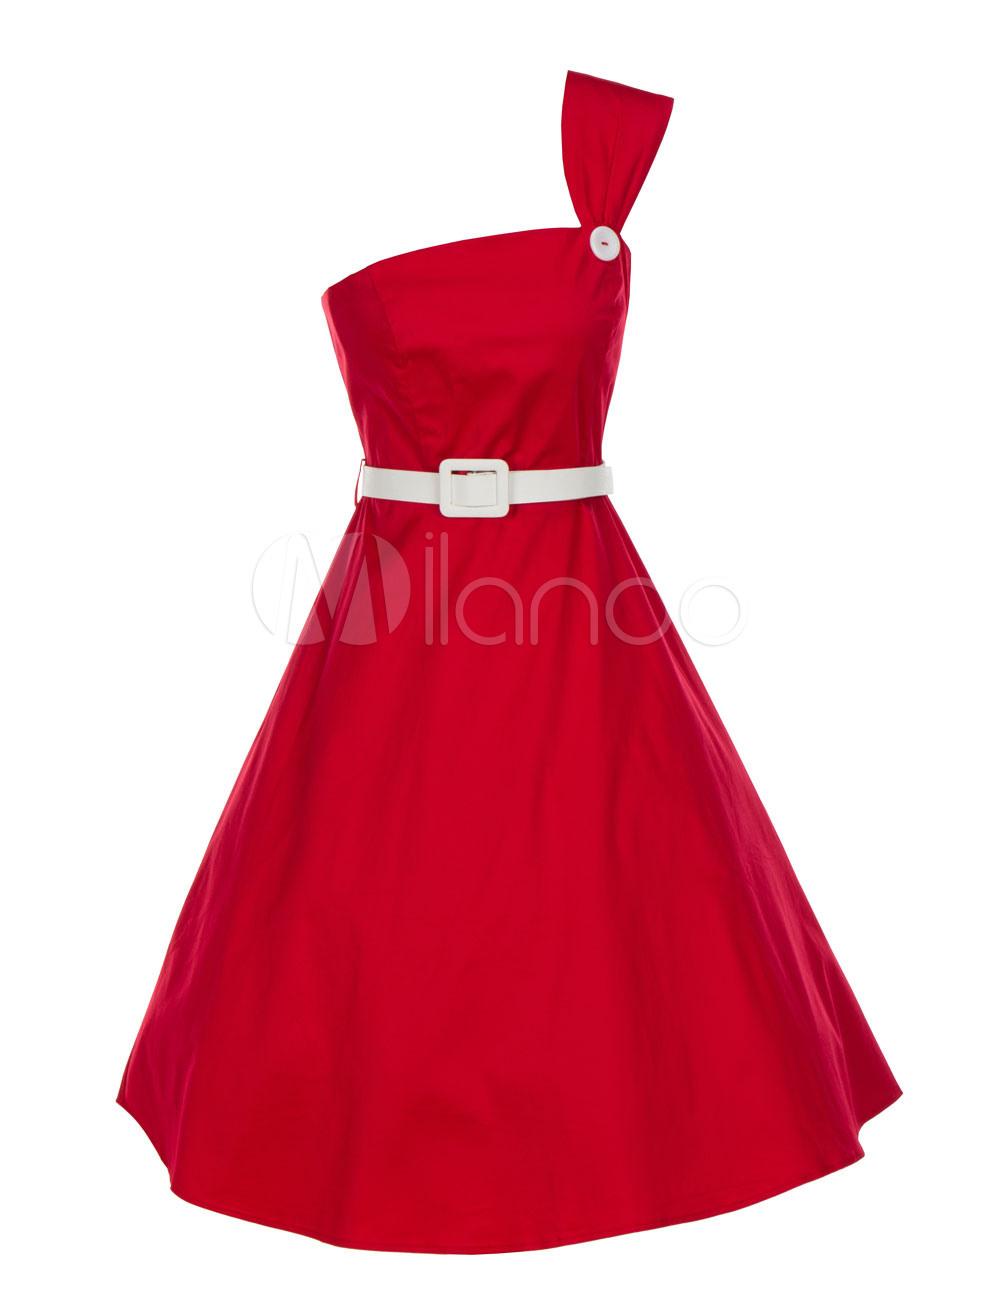 10 Fantastisch Abend Petticoat Kleid Vertrieb Top Abend Petticoat Kleid Stylish